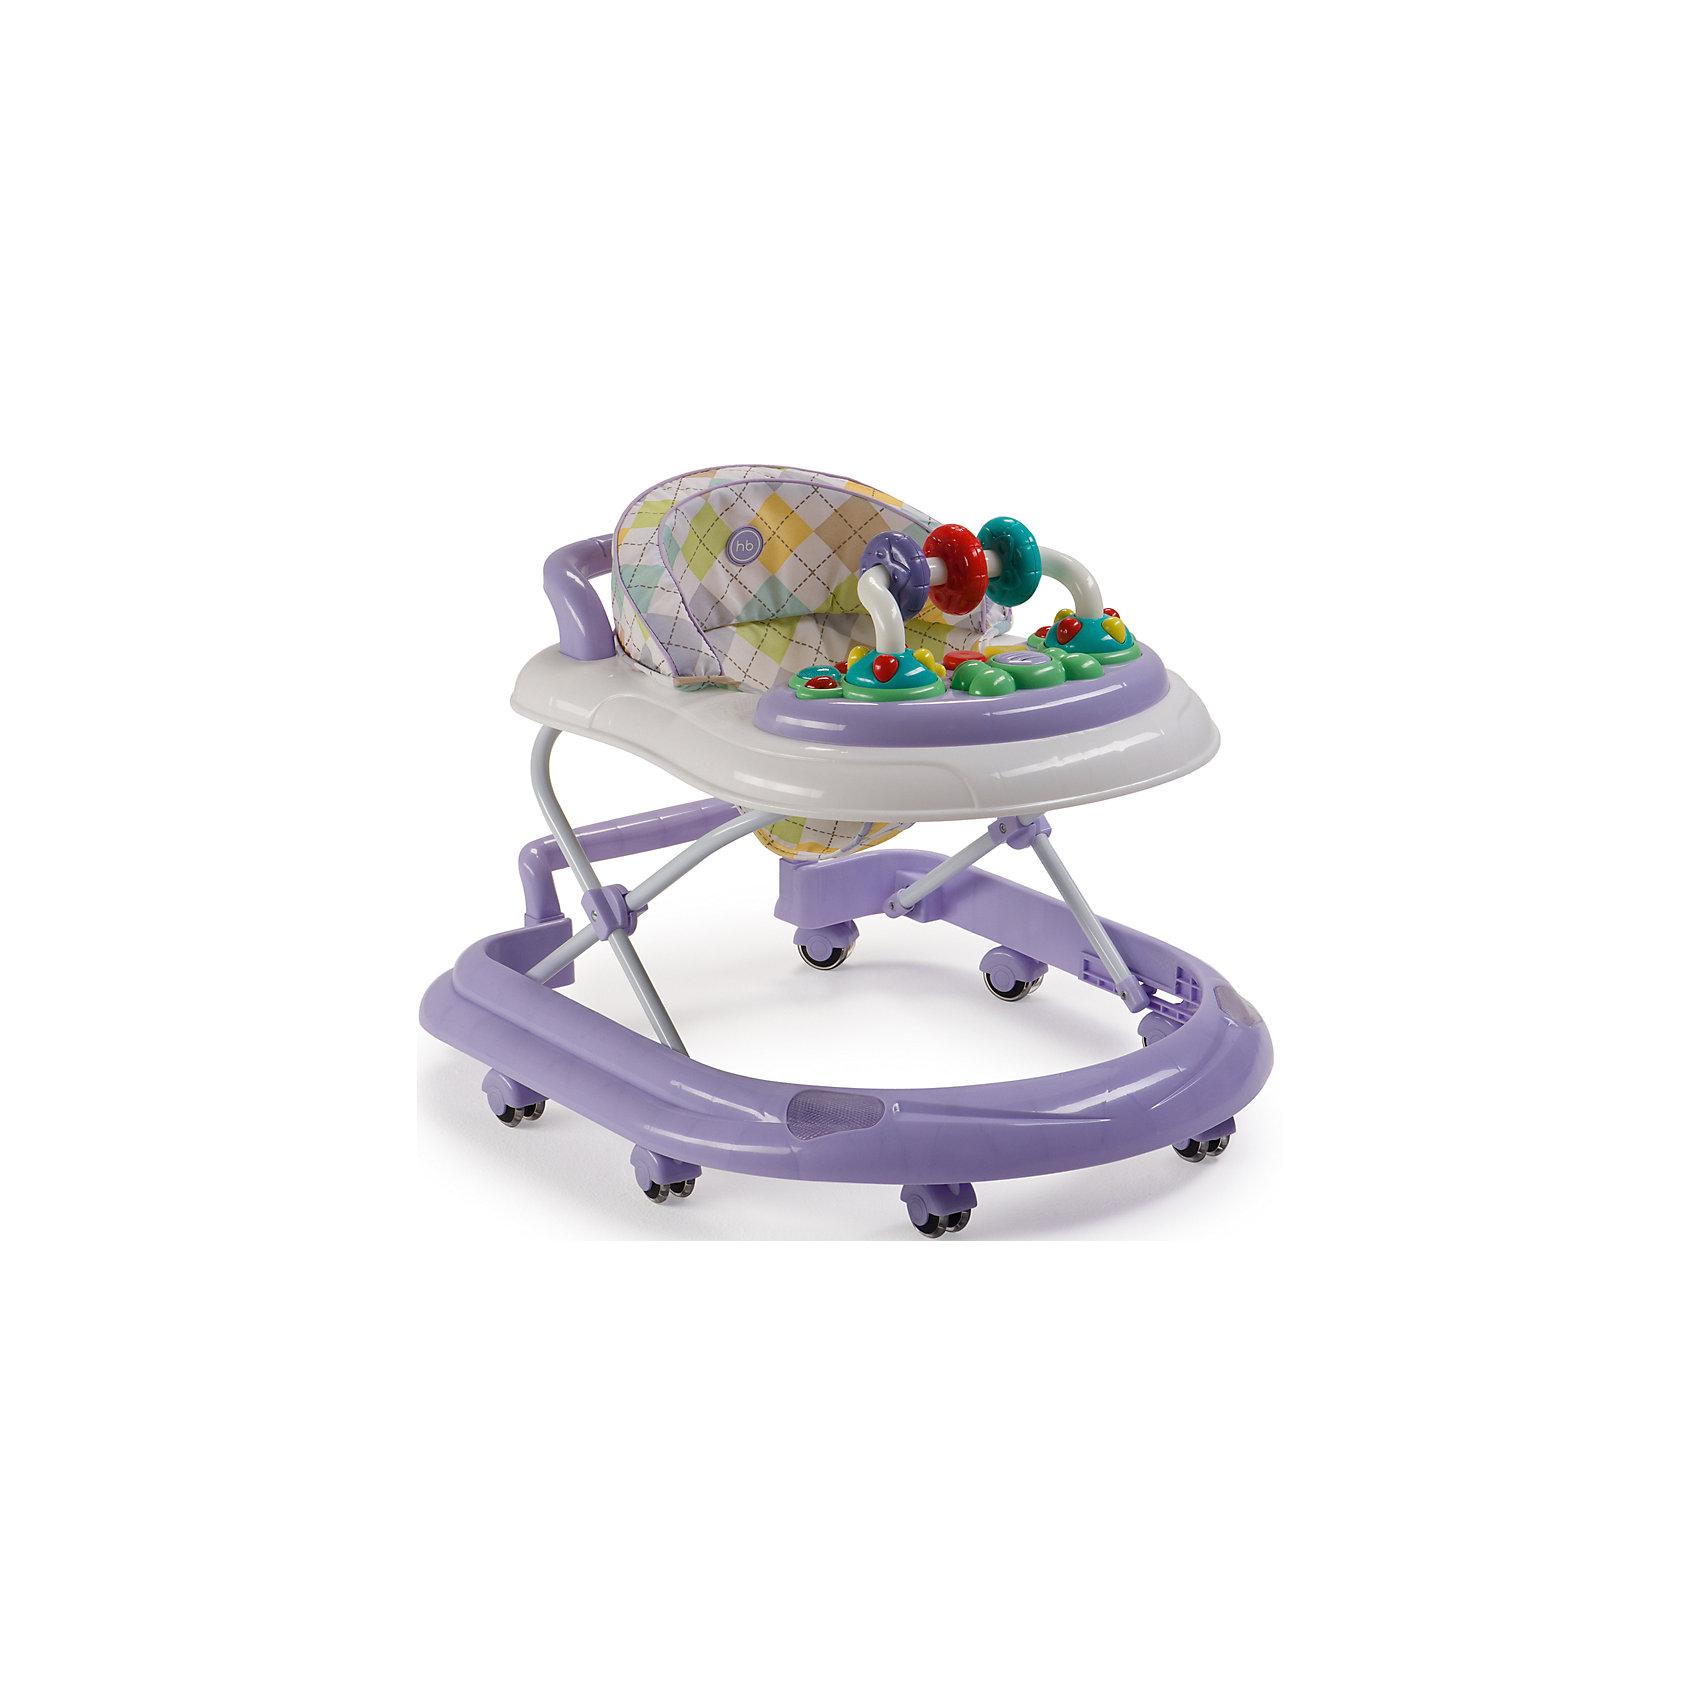 Ходунки Smiley V2, Happy Baby, лиловыйХодунки<br>Классические ходунки SMILEY V2 развивают координацию движений и помогут ребёнку научиться держать равновесие. <br><br>Мягкие цвета ходунков привлекут внимание ребенка. Игровая панель со звуковыми эффектами и игрушками поможет развить у малыша зрение, слух, хватательный рефлекс и мелкую моторику. Мягкое, удобное сиденье легко регулируется в 3-х положениях в зависимости от роста. <br><br>Ходунки SMILEY V2 оборудованы специальными силиконовыми колесами, которые не поцарапают напольное покрытие. Игровая панель работает от 2-х пальчиковых батареек (тип АА).<br><br>Дополнительная информация::<br><br>- Максимальный вес ребенка: 12 кг<br>- Вес ходунков: 3,5 кг<br>- Габариты в сложенном виде ДхШхВ: 70х59,5х30 см<br>- Габариты в разложенном виде ДхШхВ: 70х59,5х54 см<br>- Регулируемое сиденье: да<br>- Регулируются по высоте, 3 положения<br>- Развивают координацию движений<br>- Учат ребенка держать равновесие<br>- На задней части ходунков расположена ручка, которая позволяет использовать их в качестве каталки<br>- Силиконовые колеса, 8 шт<br>- Съемная игровая панель со звуковыми и световыми эффектами: <br>   12 мелодий<br>- Развивающие игрушки механически вращаются<br>- Для работы игровой панели необходимо 2 батарейки типа АА<br><br>Ходунки Smiley V2, Happy Baby, лиловый можно купить в нашем магазине.<br><br>Ширина мм: 300<br>Глубина мм: 595<br>Высота мм: 700<br>Вес г: 17000<br>Цвет: лиловый<br>Возраст от месяцев: 7<br>Возраст до месяцев: 15<br>Пол: Унисекс<br>Возраст: Детский<br>SKU: 4715786